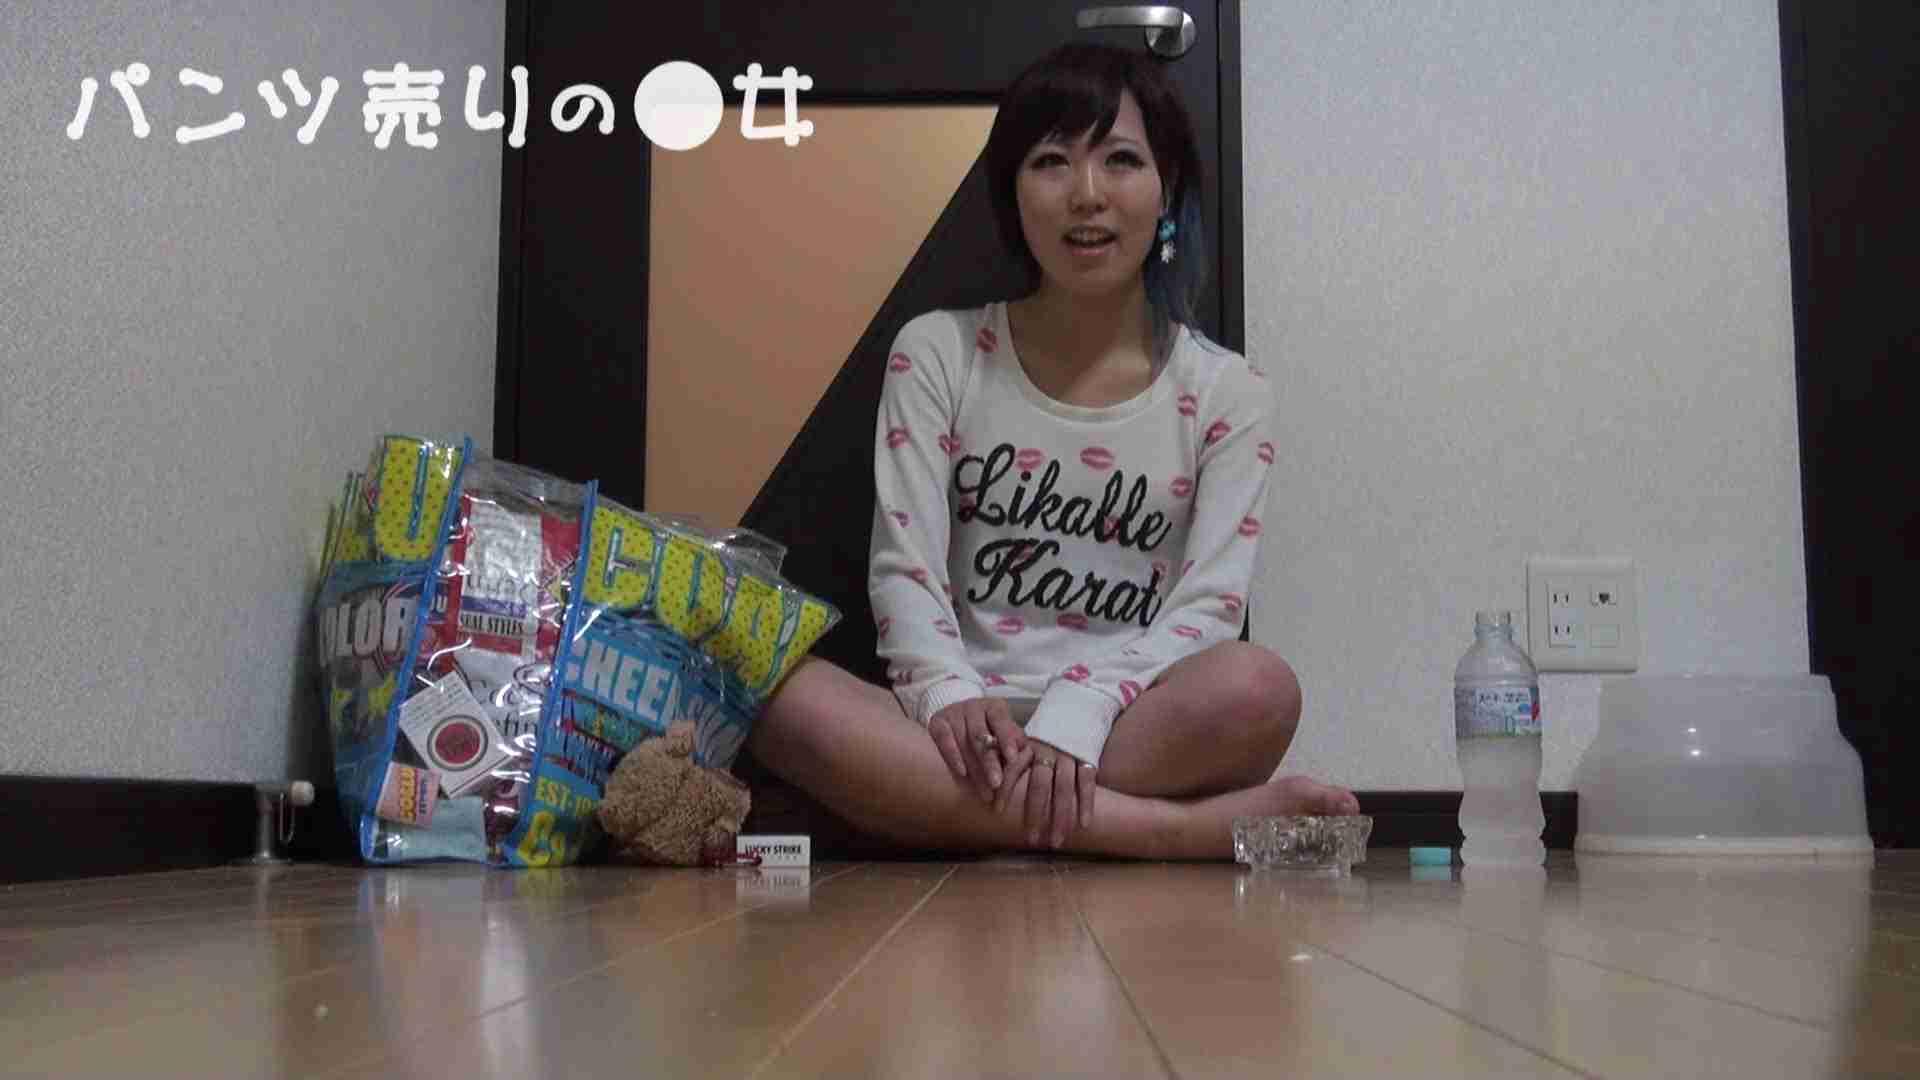 新説 パンツ売りの女の子nana02 覗き 隠し撮りオマンコ動画紹介 103PIX 3